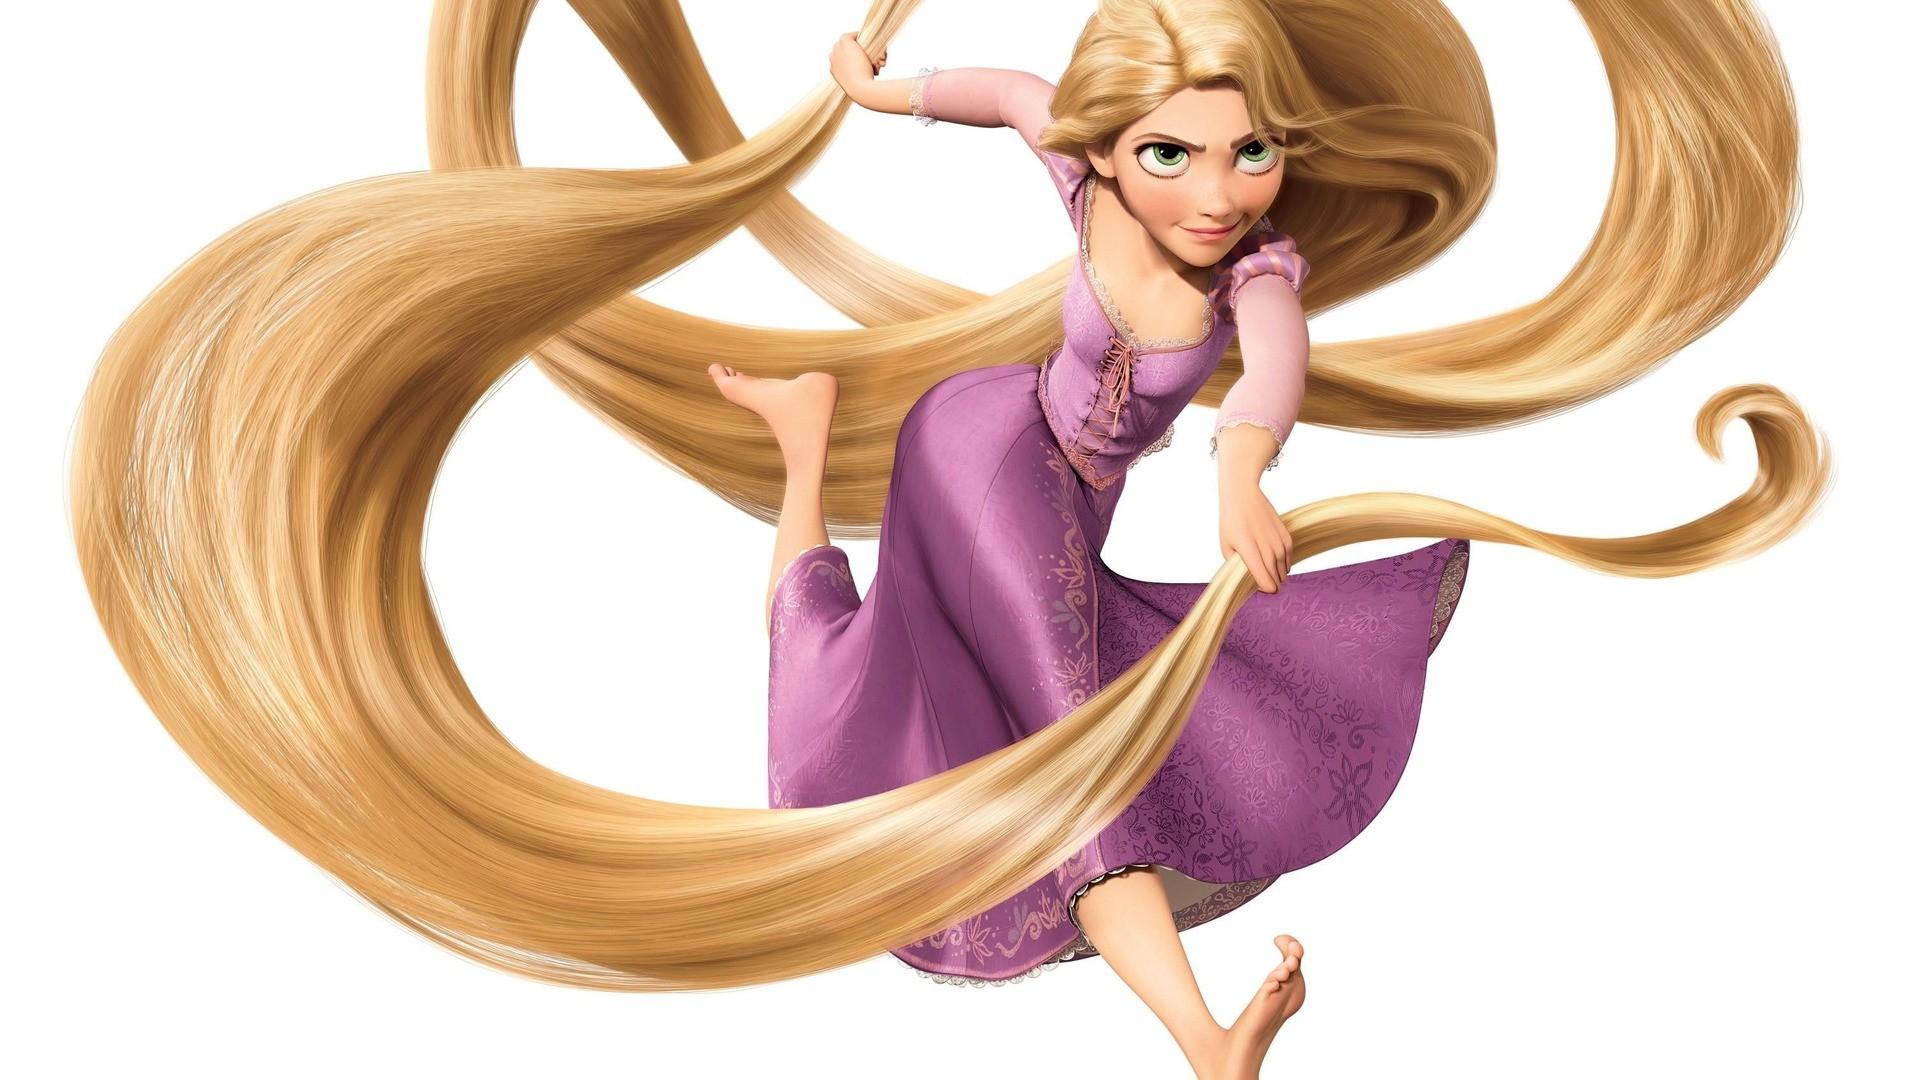 Rapunzel High Quality Wallpaper